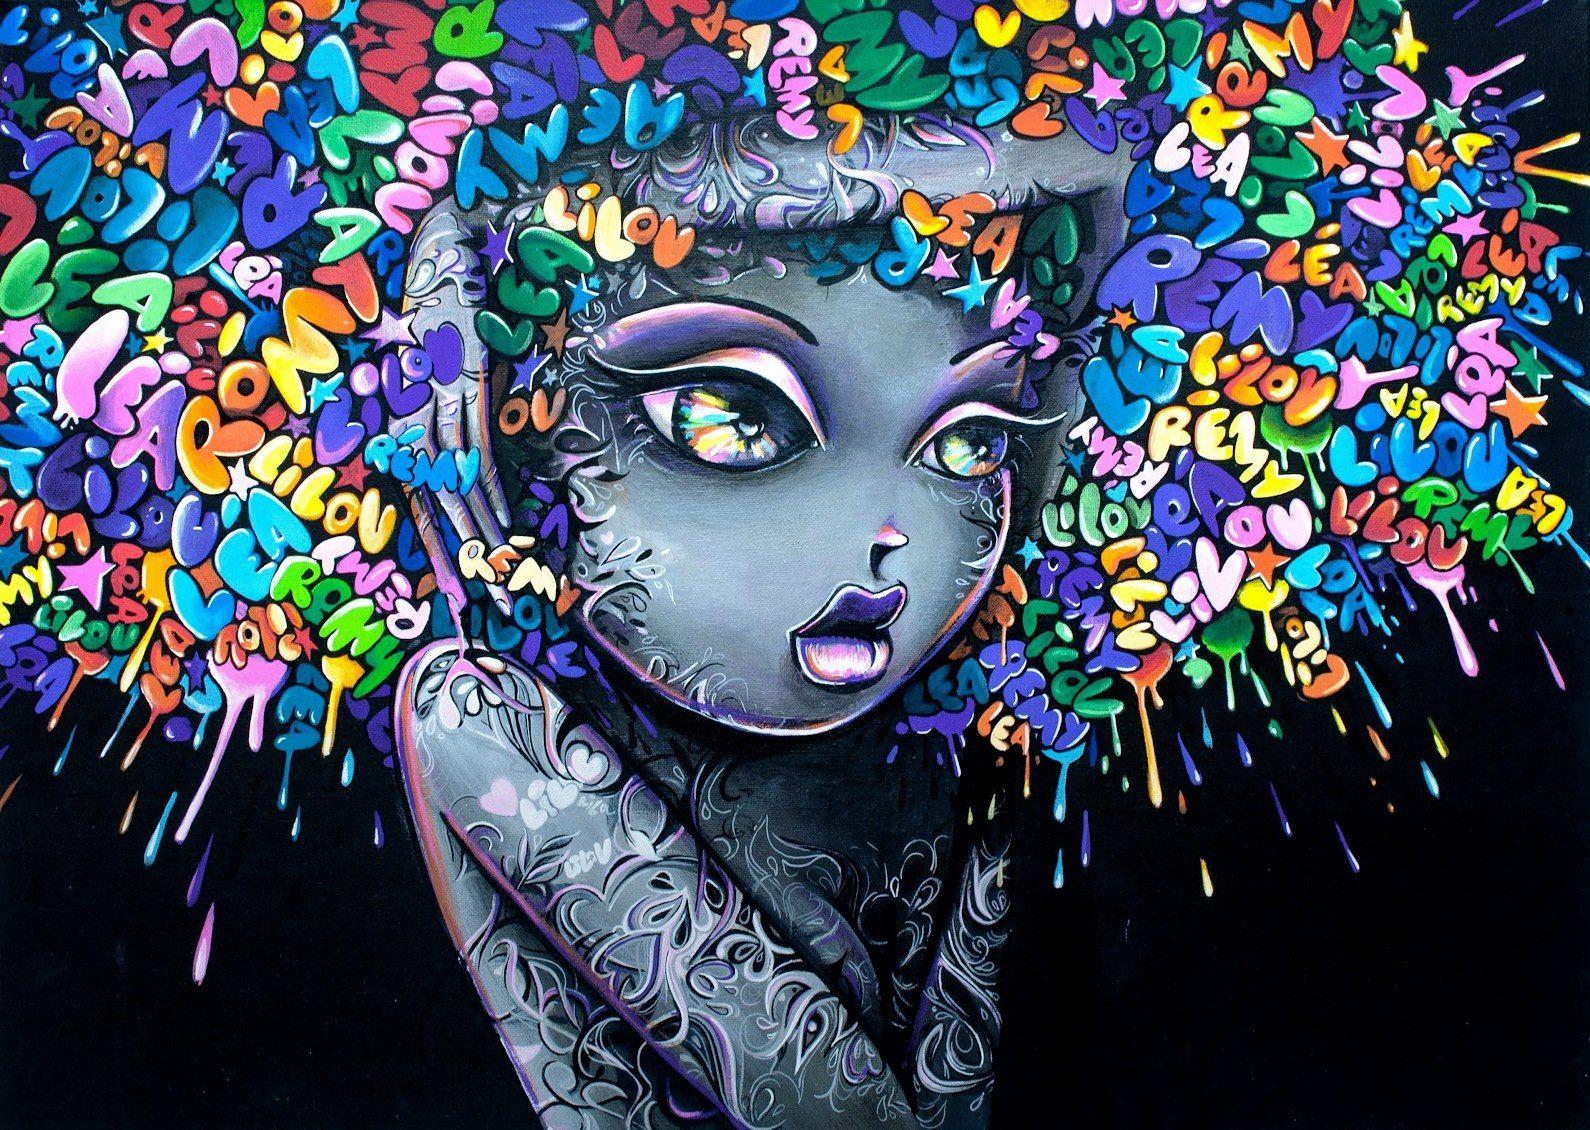 Graffiti art wallpaper - Graffiti Collective Css Web Design Digital Design Art Pinterest Graffiti France And Street Art